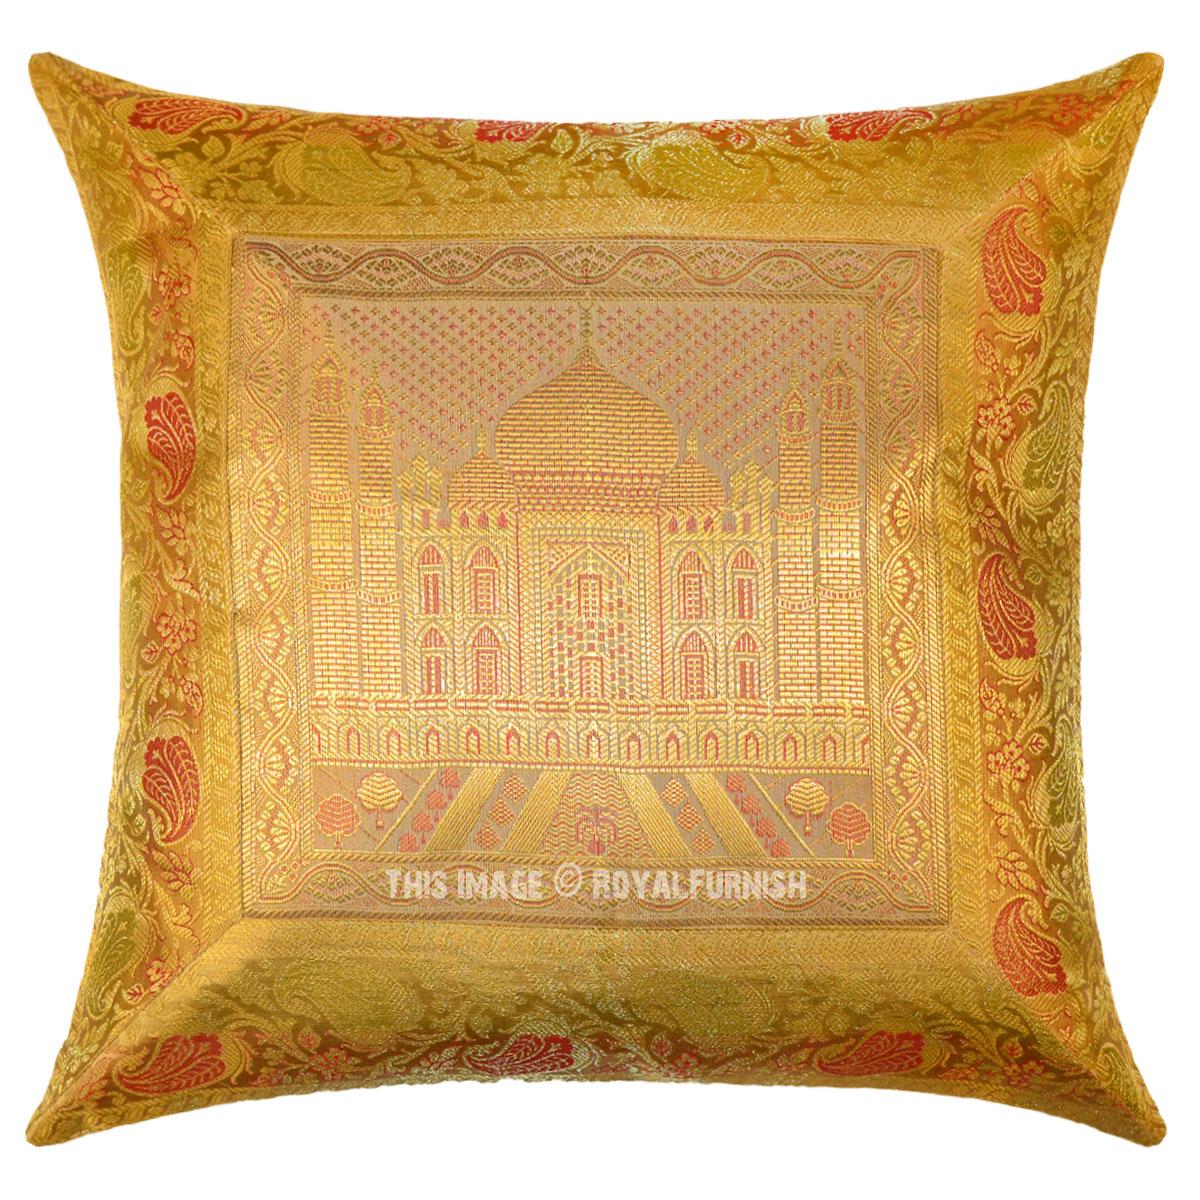 gold sofa throw pillows cheap 2 seater beds uk yellow tajmahal decorative silk pillow case